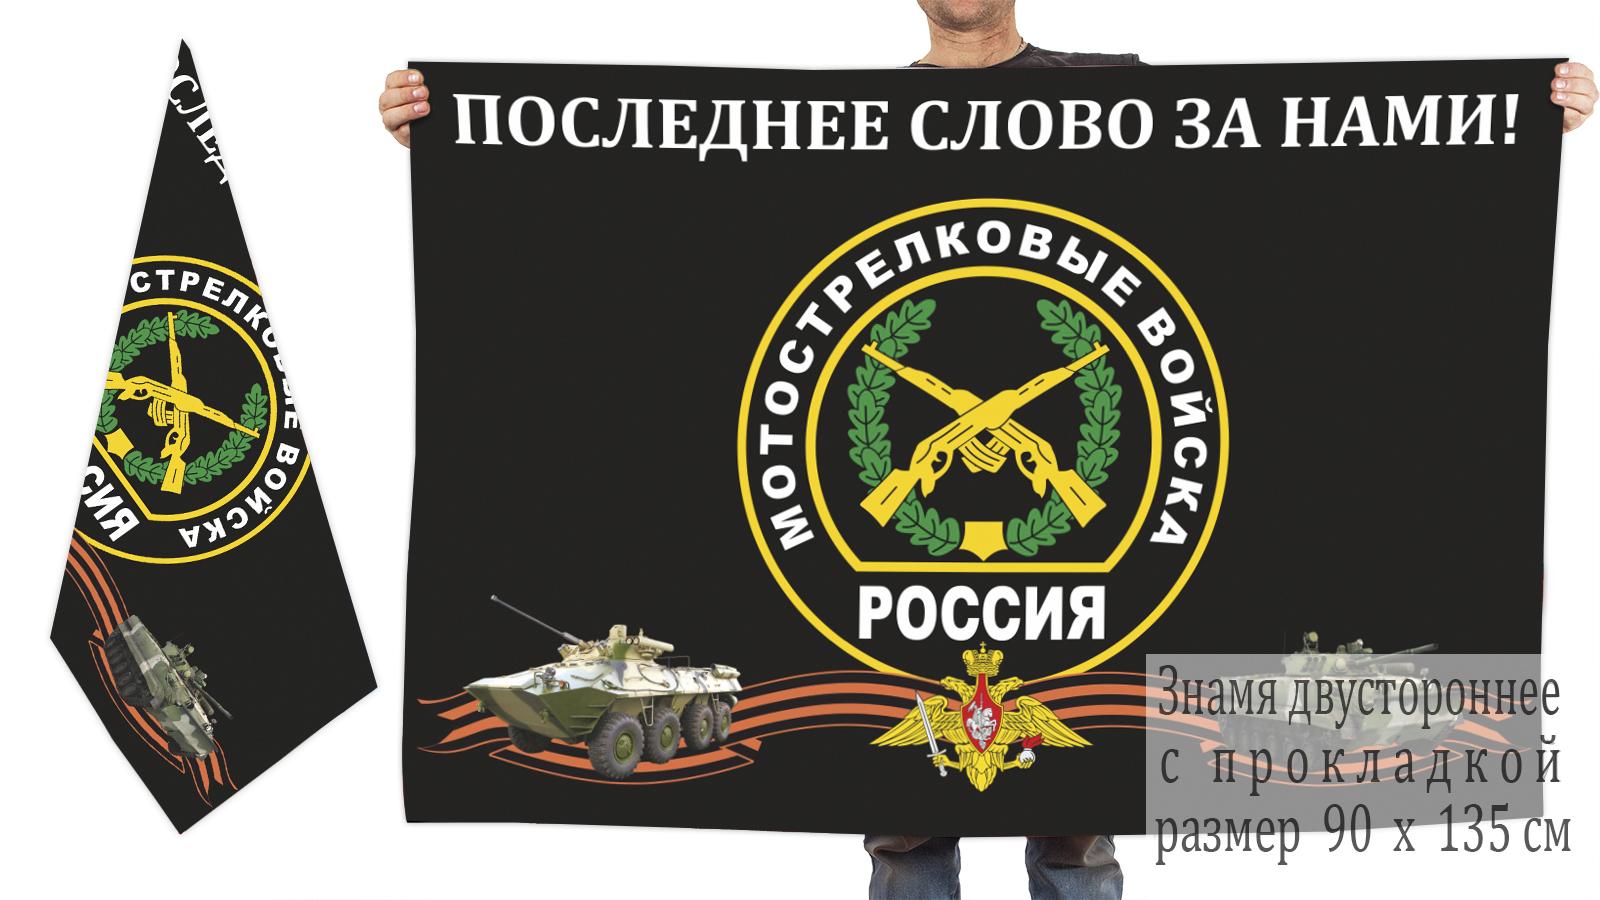 Заказать двусторонний флаг с эмблемой Мотострелковых войск оптом и в розницу